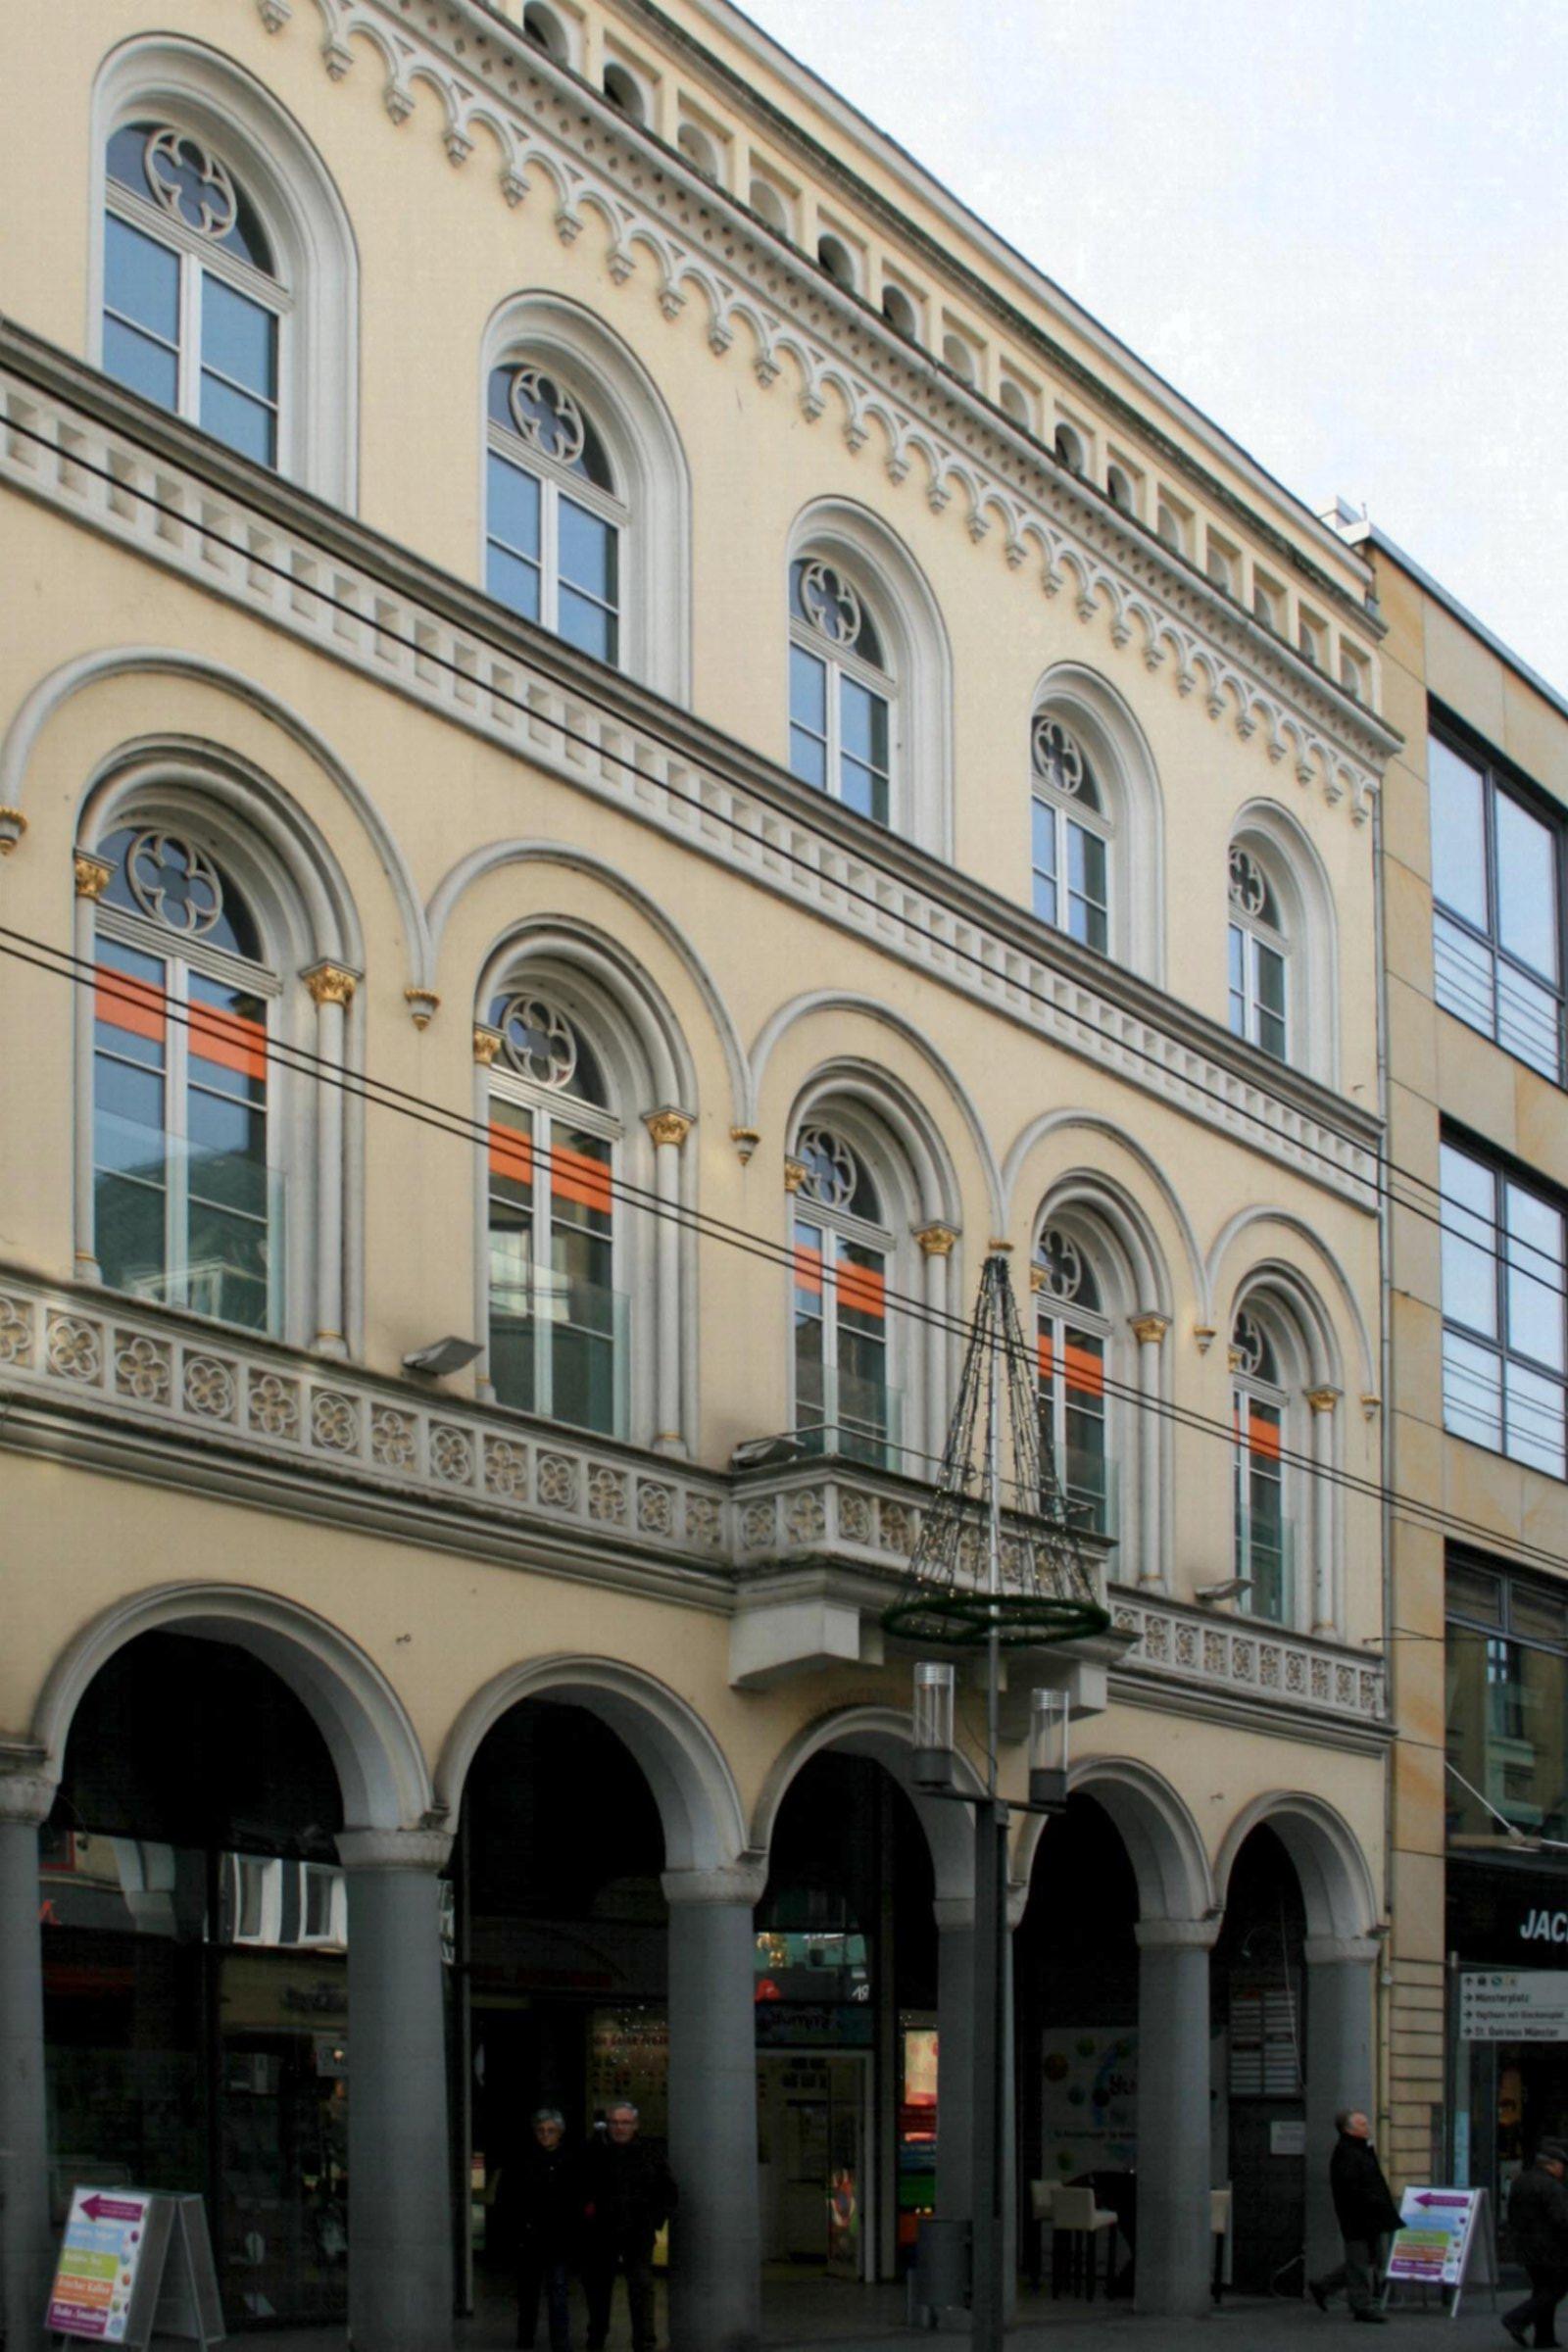 (083) 1-060 Wohn- u. Geschäftshaus, Büchel 20 (Neuss).jpg